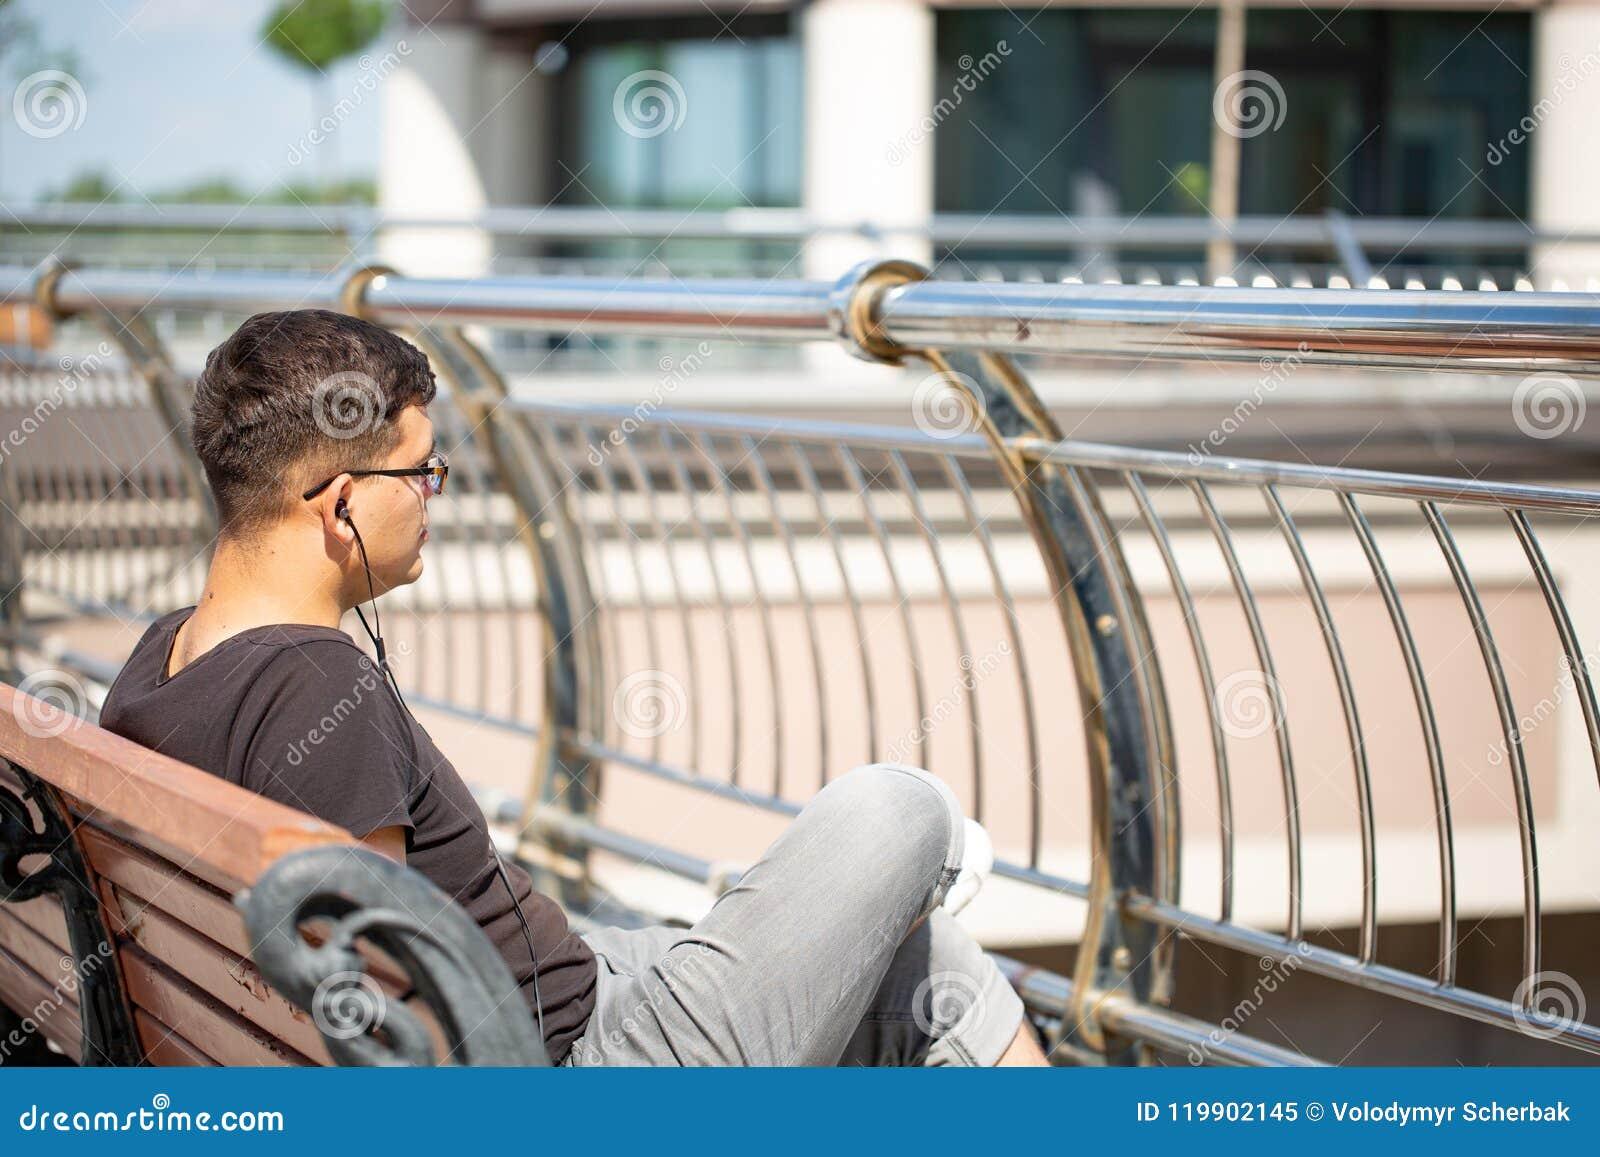 人们、音乐、技术、休闲和生活方式-有耳机的行家人听到在城市街道长凳的音乐的